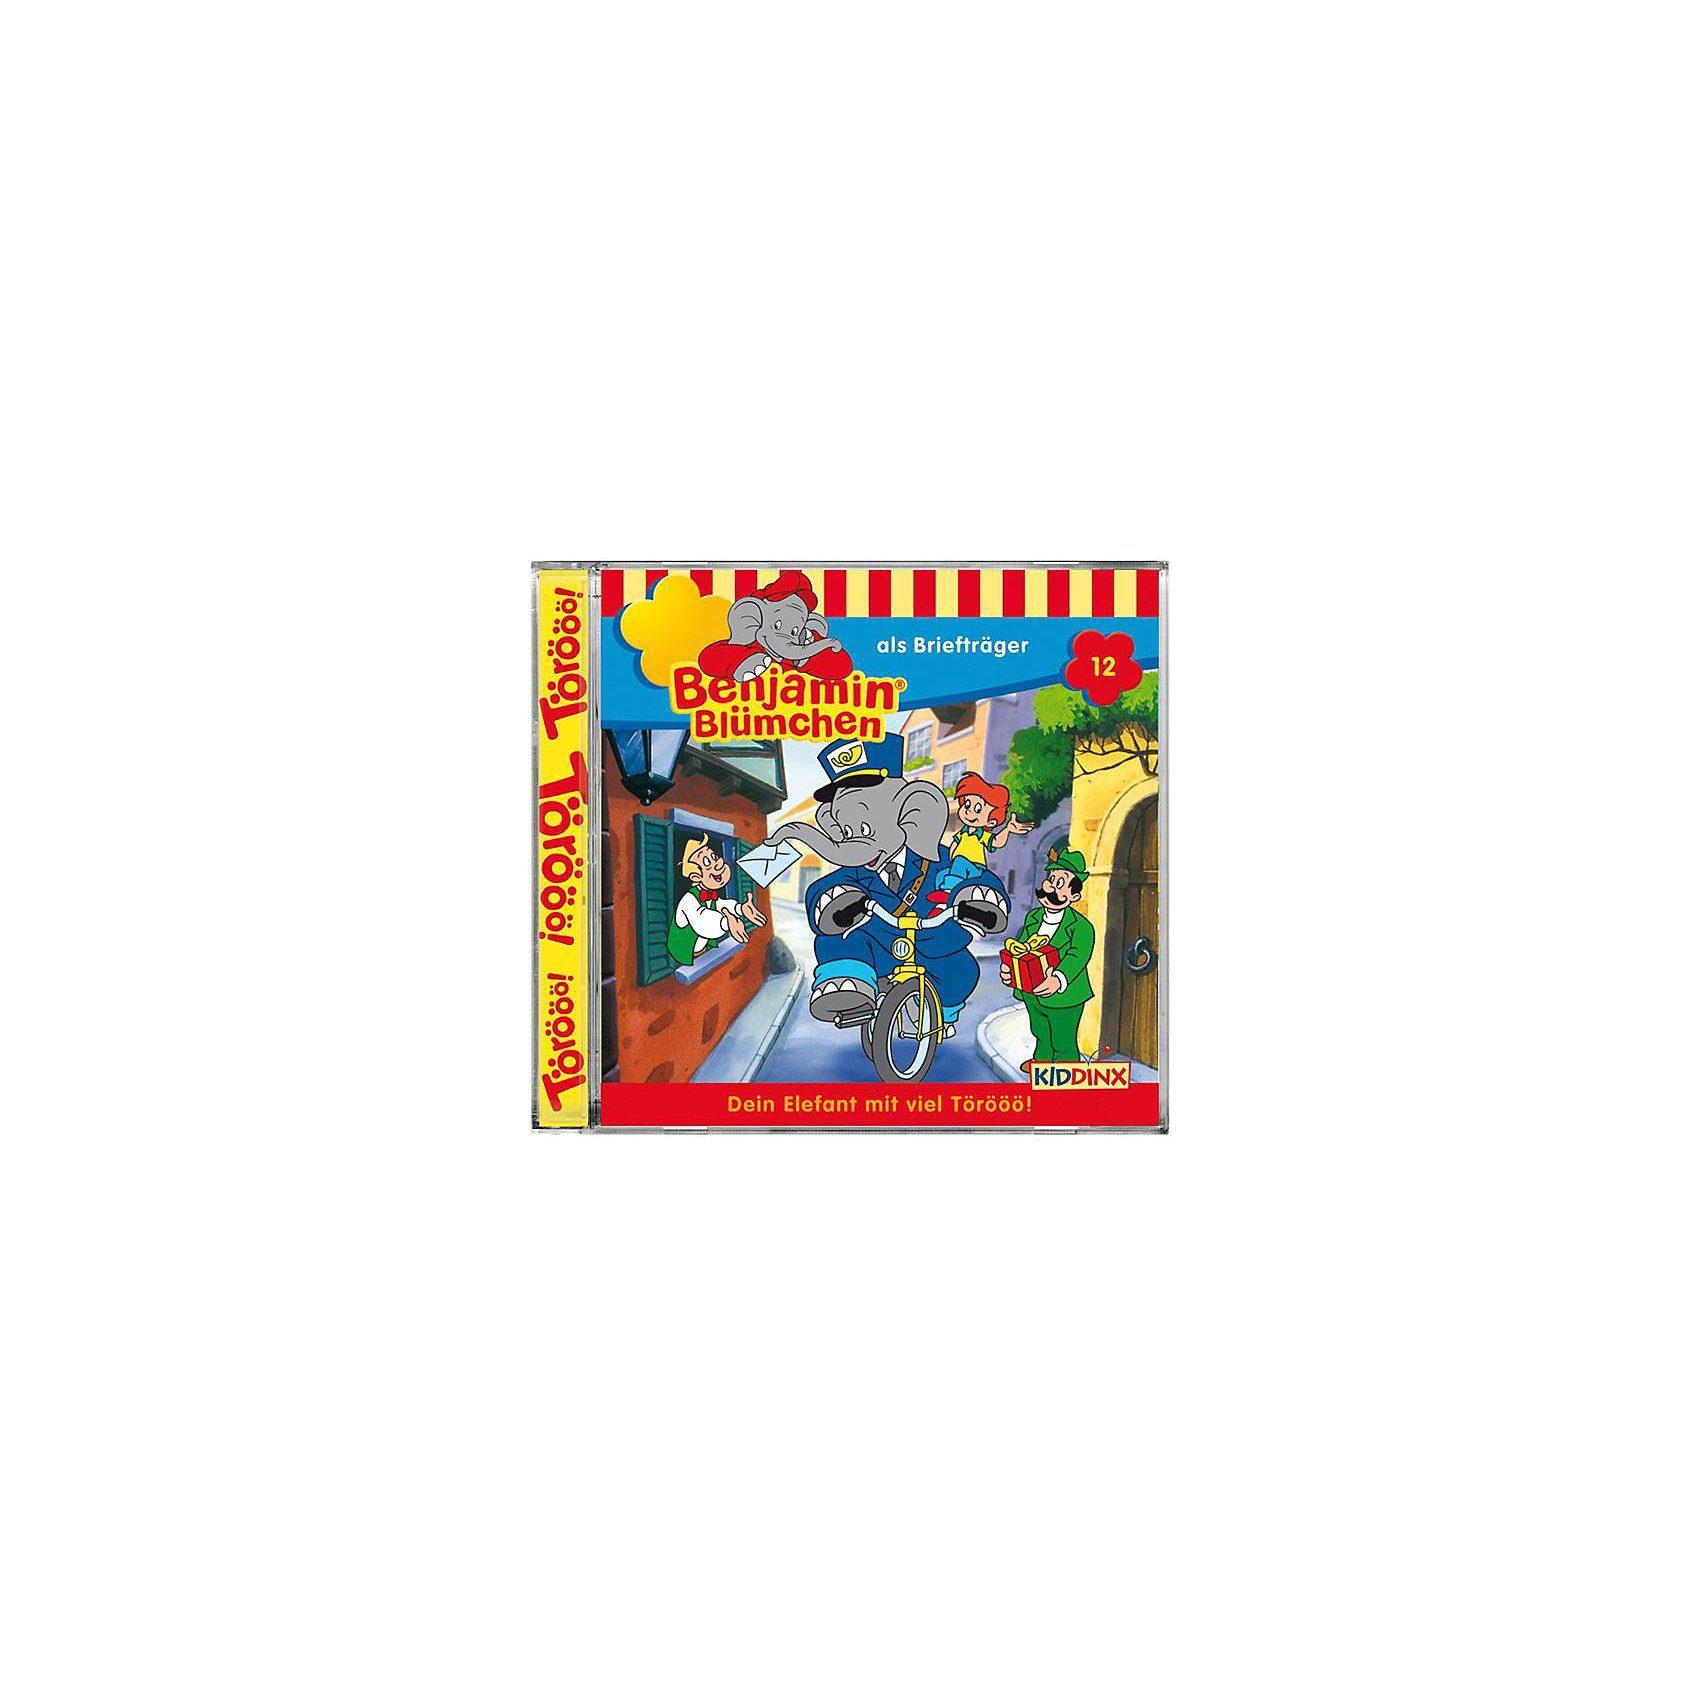 Kiddinx CD Benjamin Blümchen 12 -als Briefträger